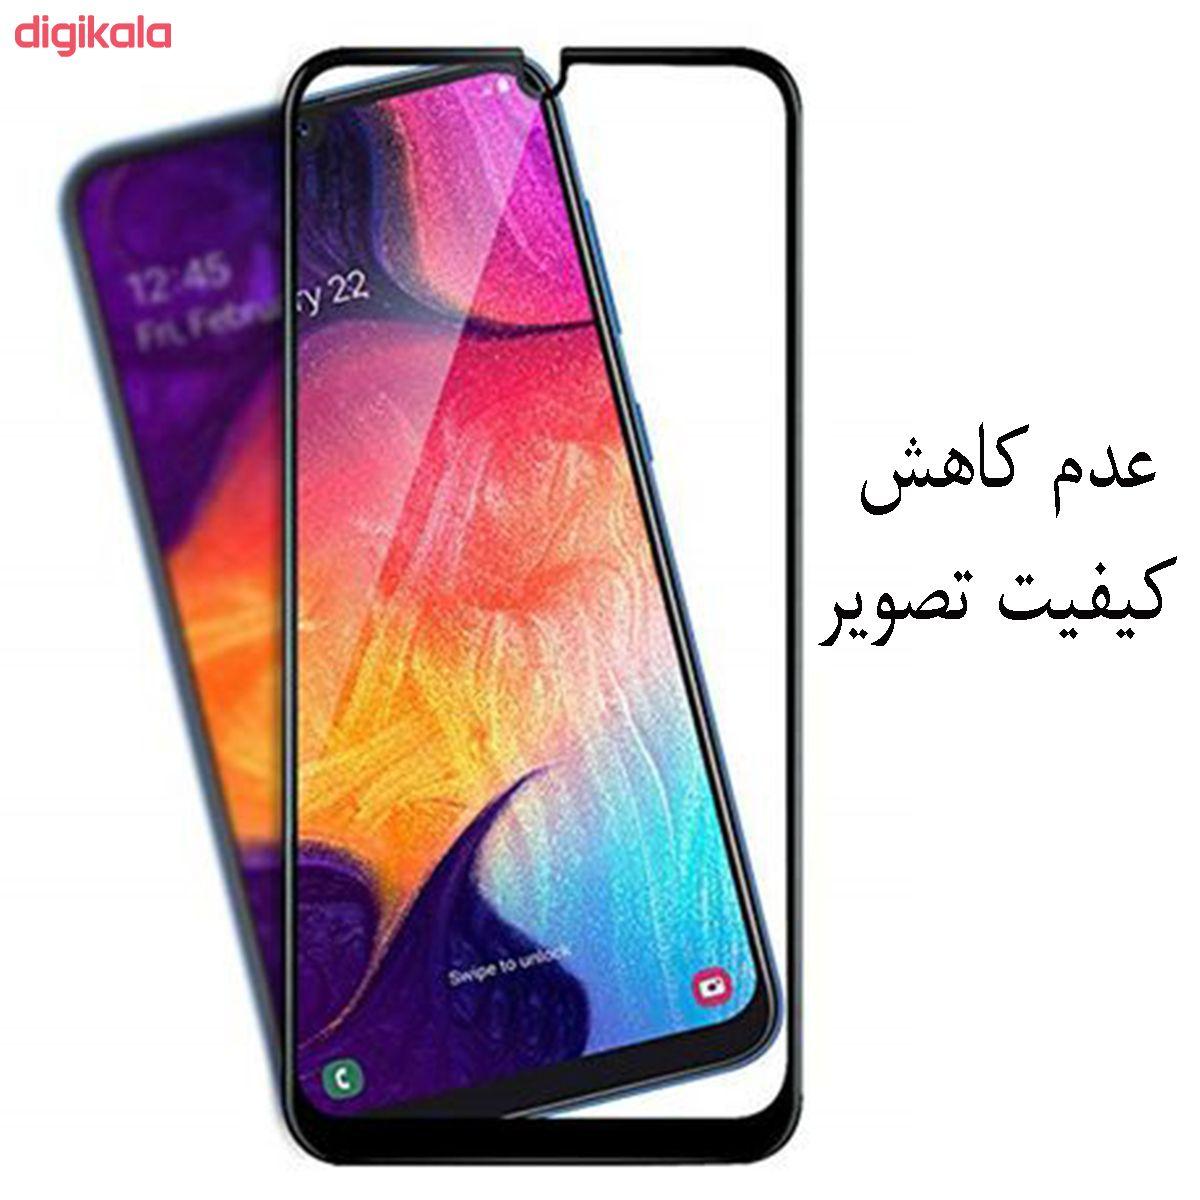 محافظ صفحه نمایش مدل PHSI مناسب برای گوشی موبایل سامسونگ Galaxy A50 main 1 2